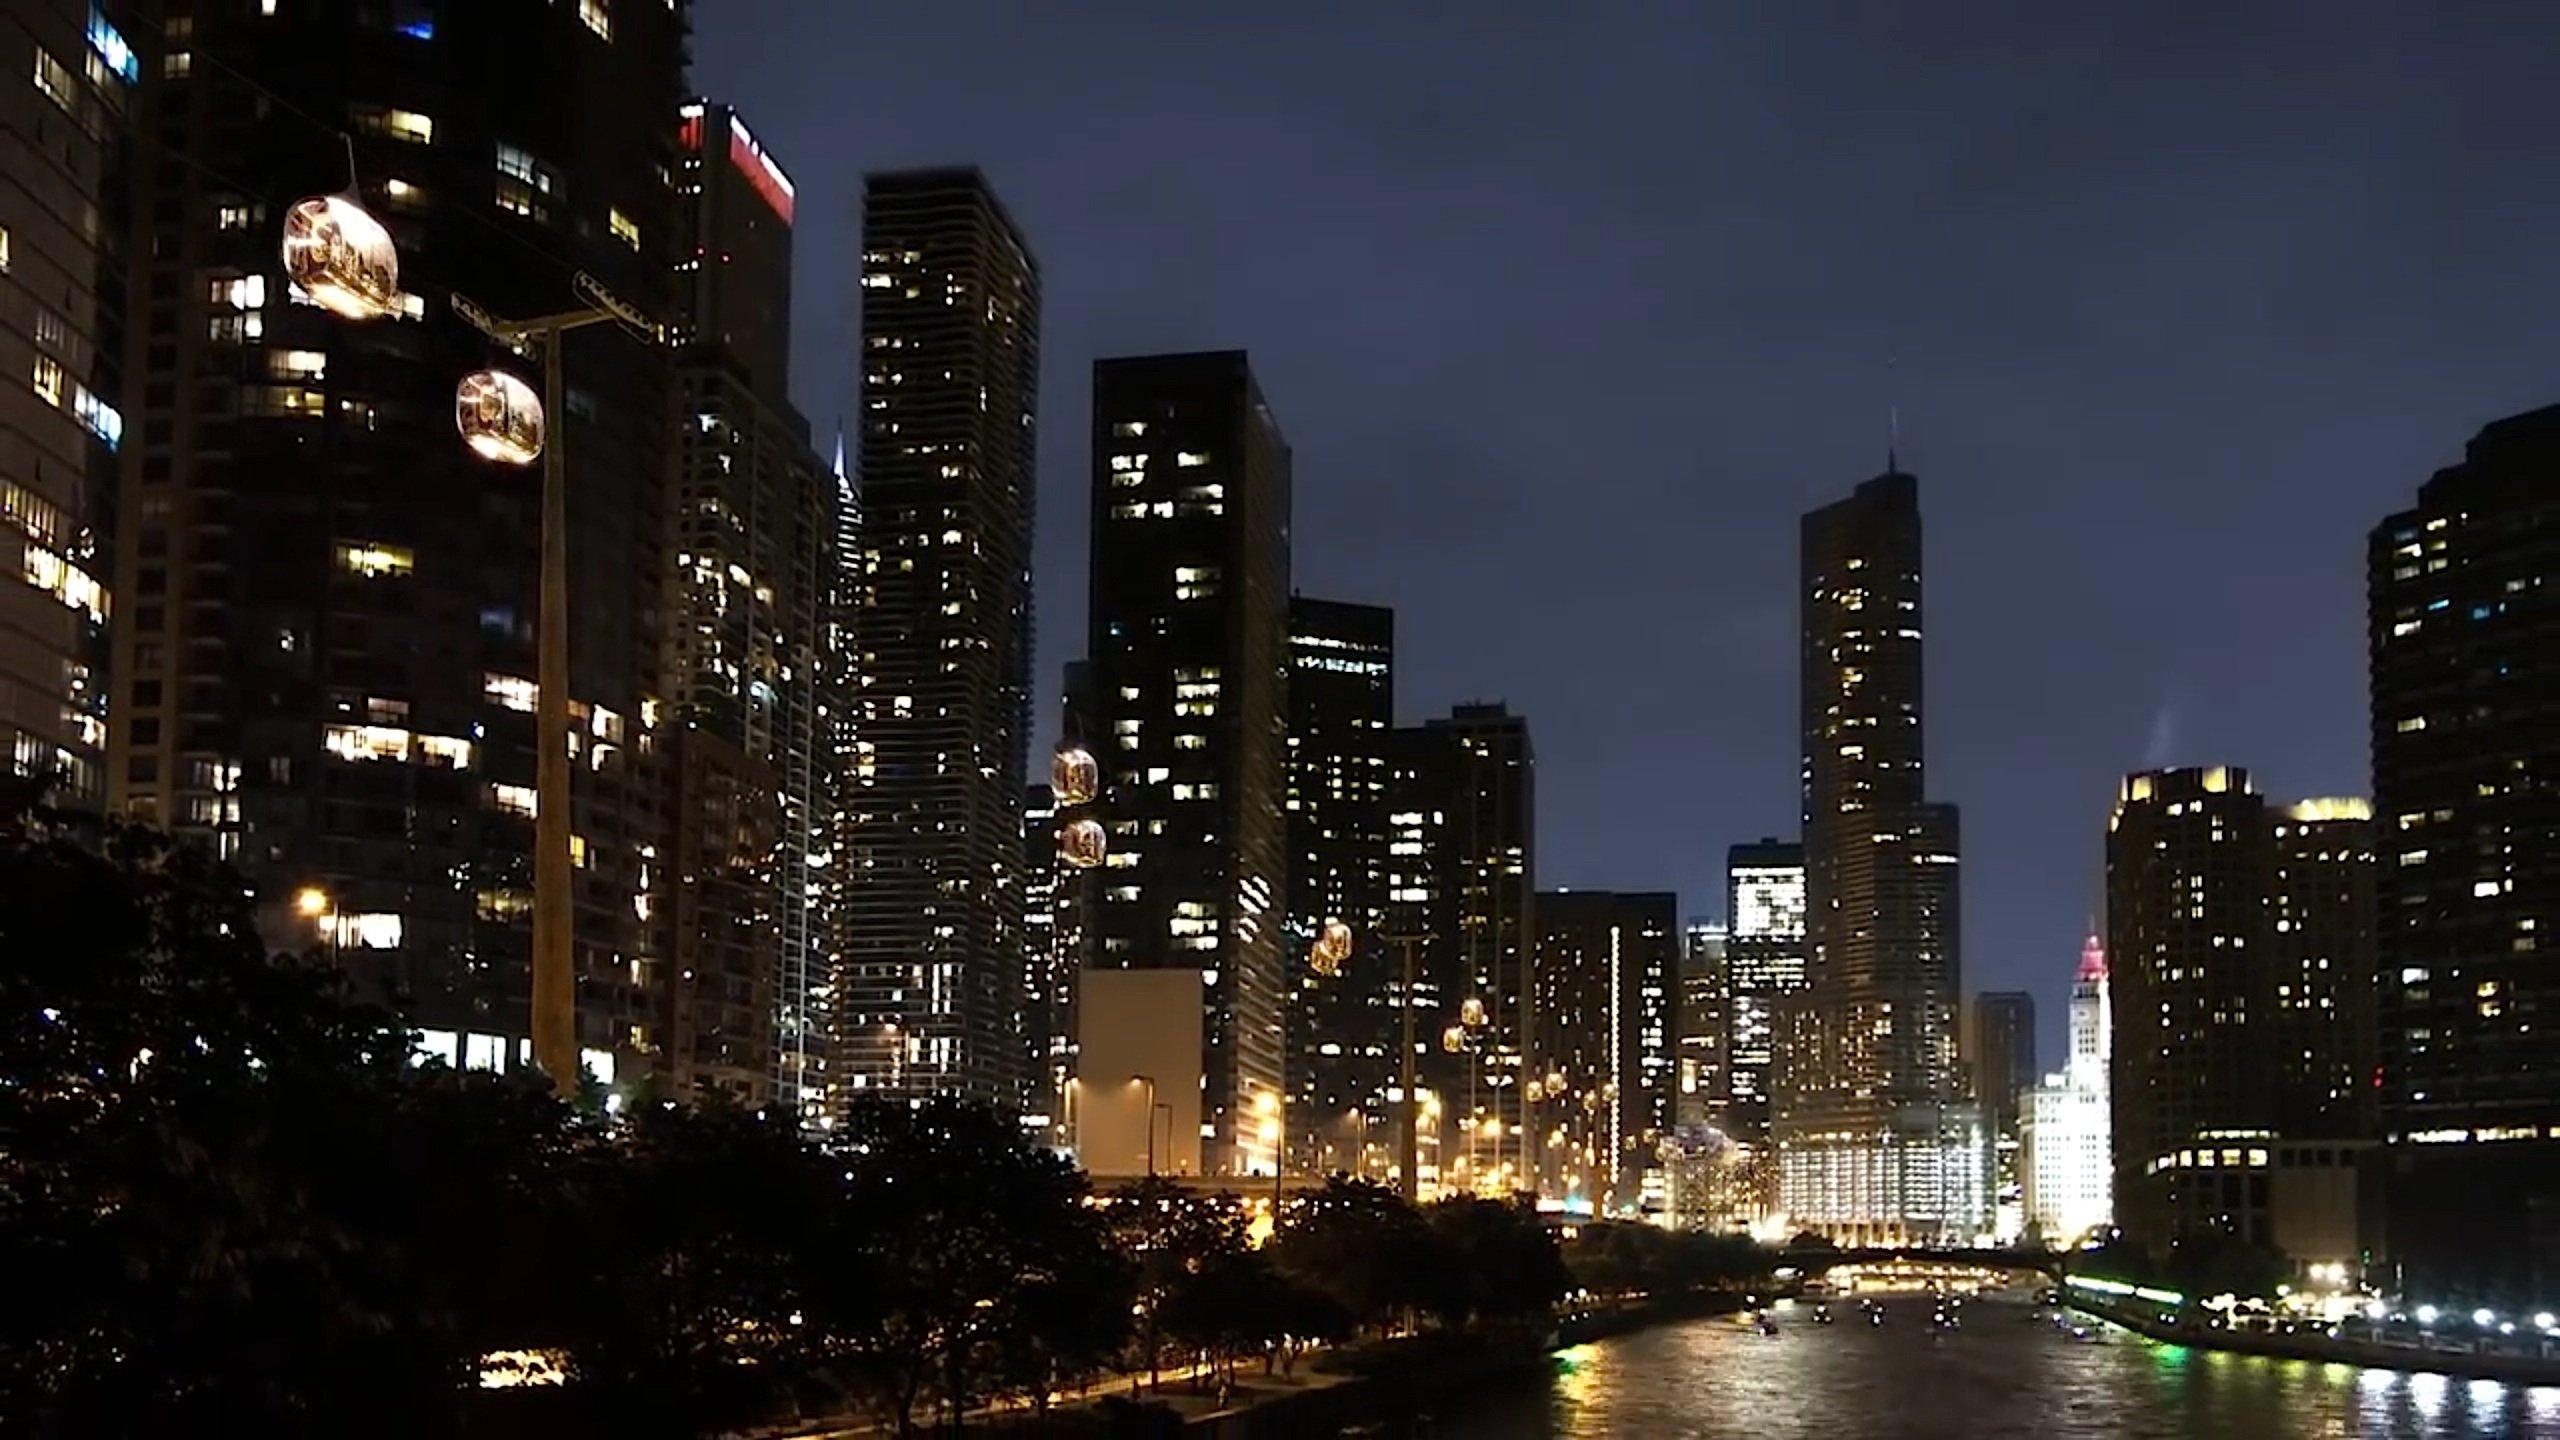 Tolle Idee: Die Seilbahn fährt auch bei Nacht die Highlights von Chicago an.